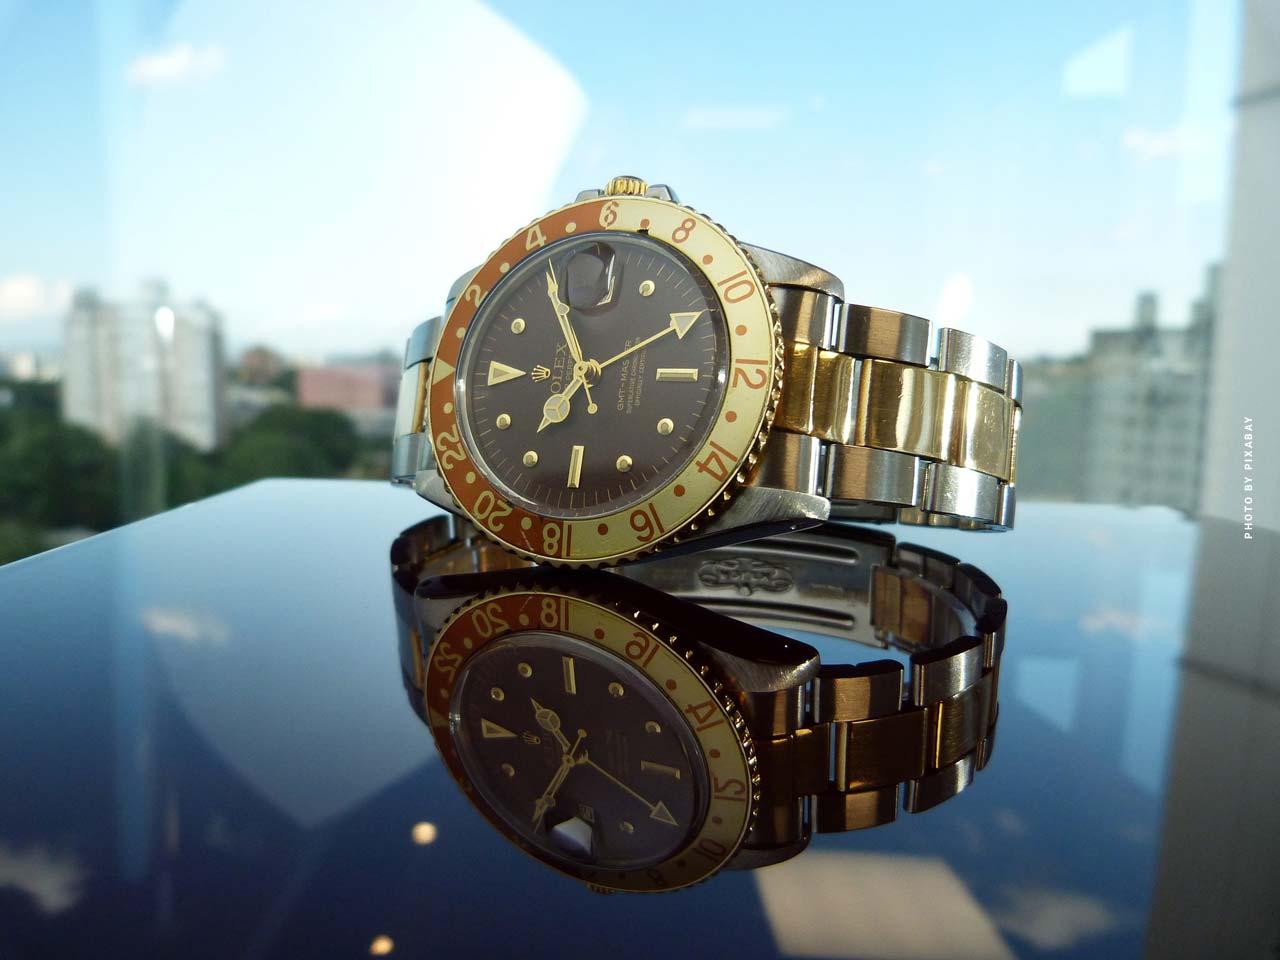 La casa de subastas Phillips (Ginebra) encuentra y vende los relojes más raros del mundo